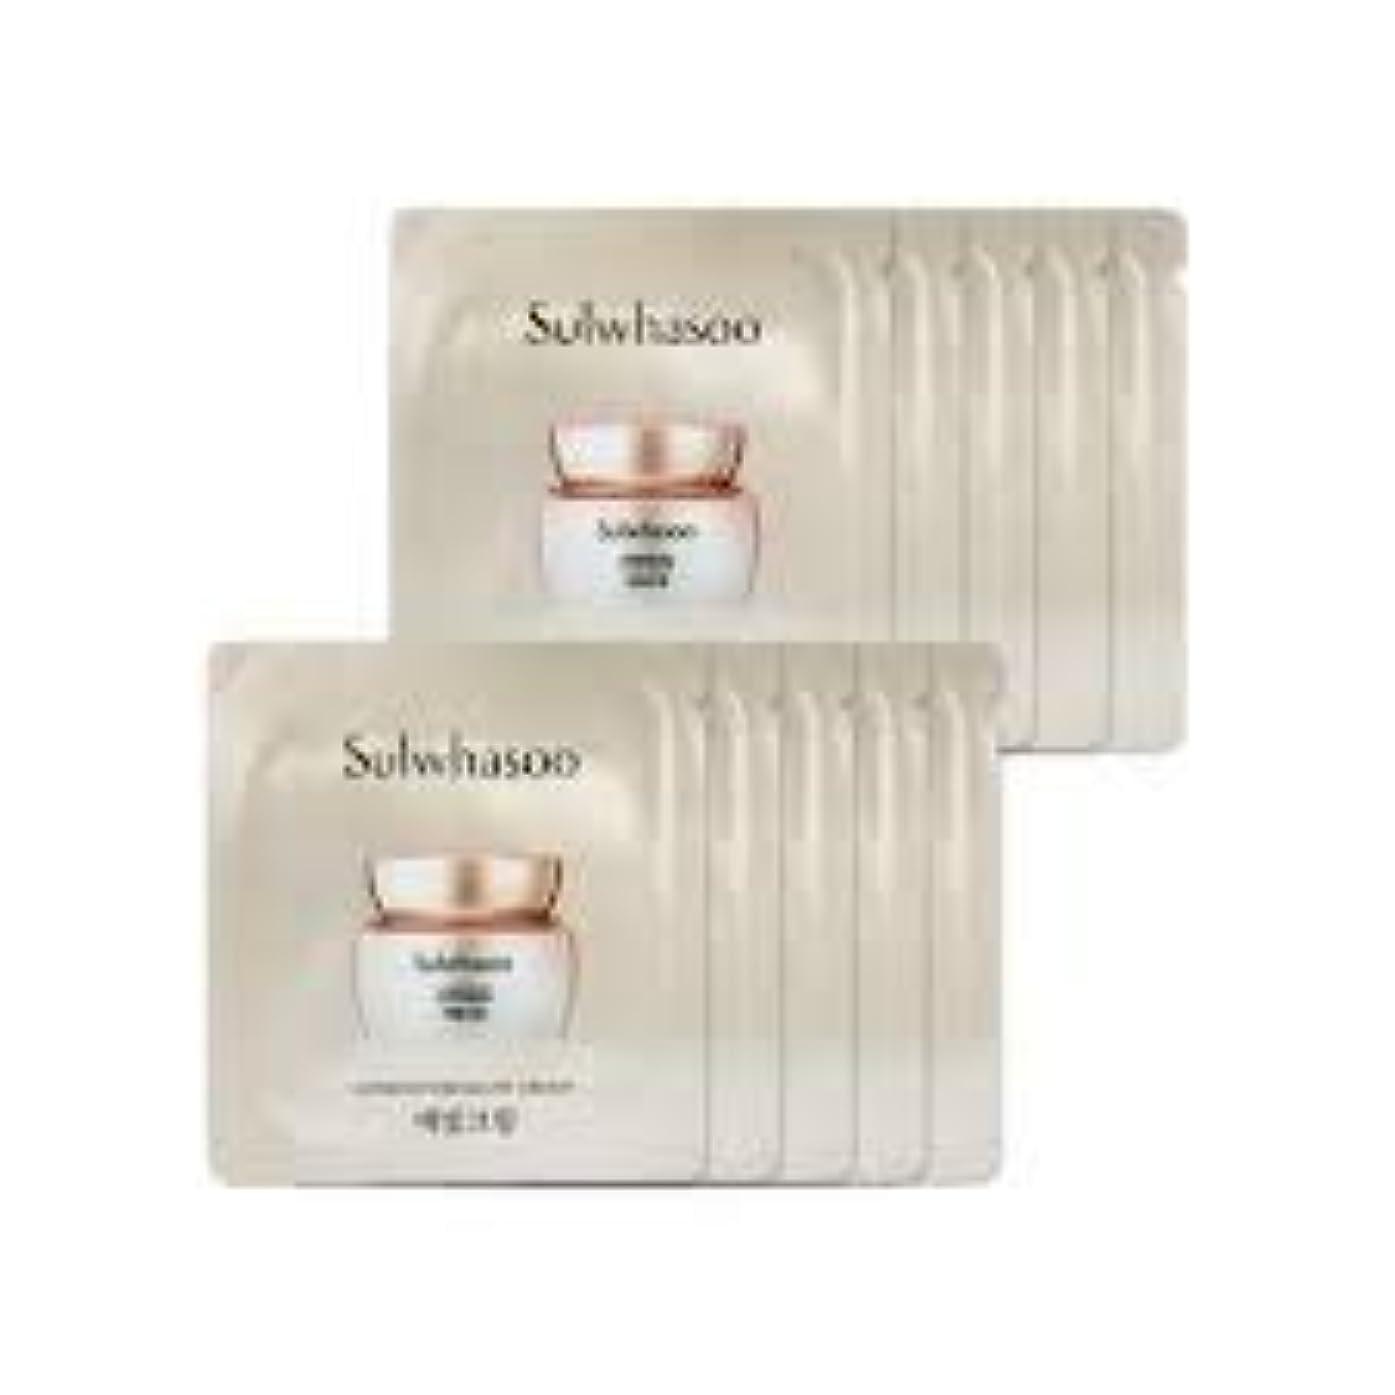 ティッシュセータートラフィック[ソルファス ] Sulwhasoo (雪花秀) ルミナチュアグロー Luminature Glow Cream 1ml x 30 (イェビトクリーム) [ShopMaster1]